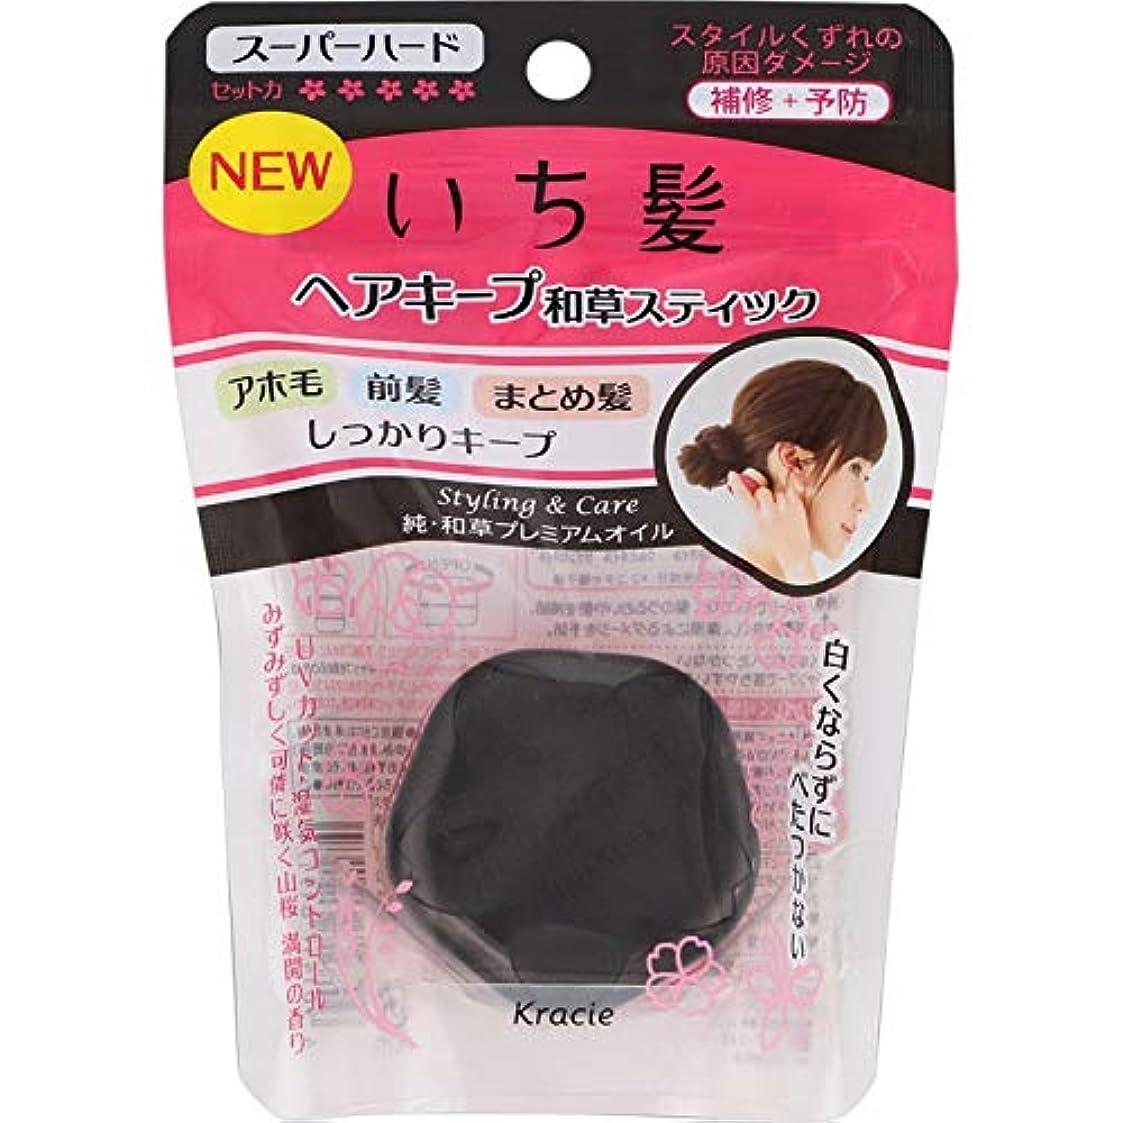 いち髪 ヘアキープ和草スティック(スーパーハード) × 6個セット